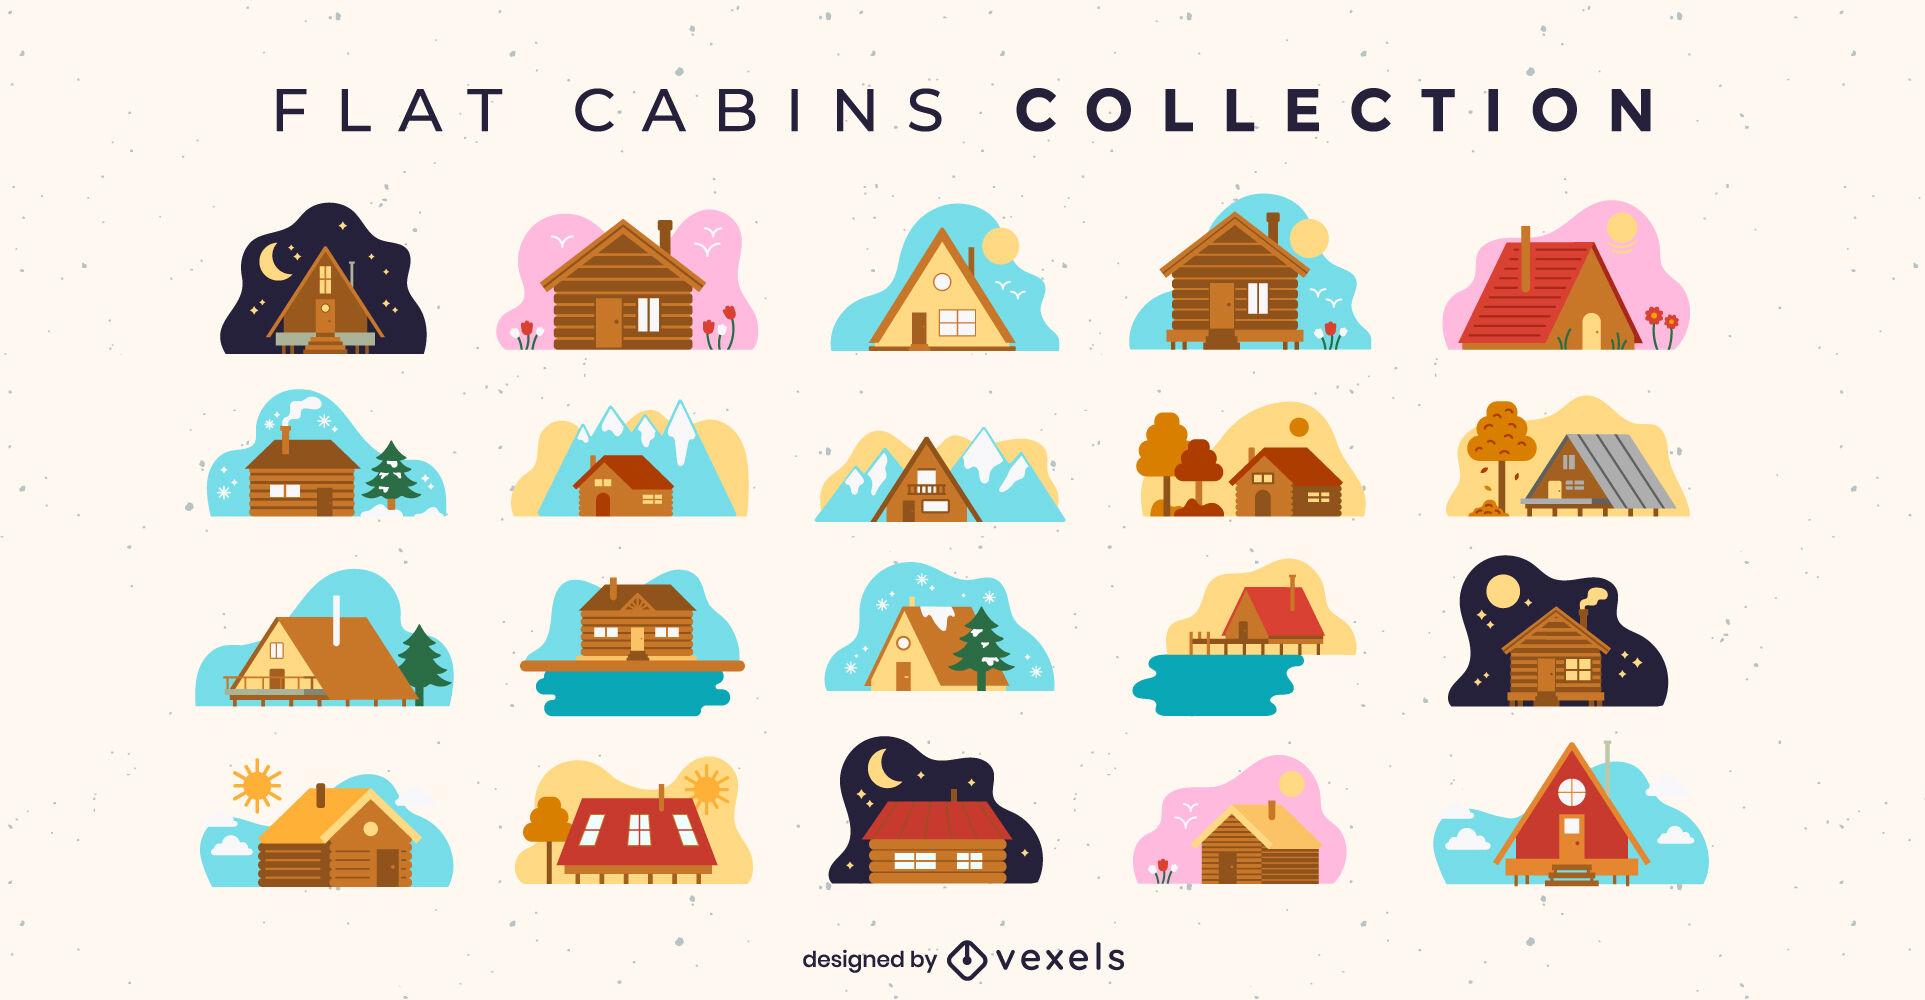 Cabaña de madera casas colección plana.